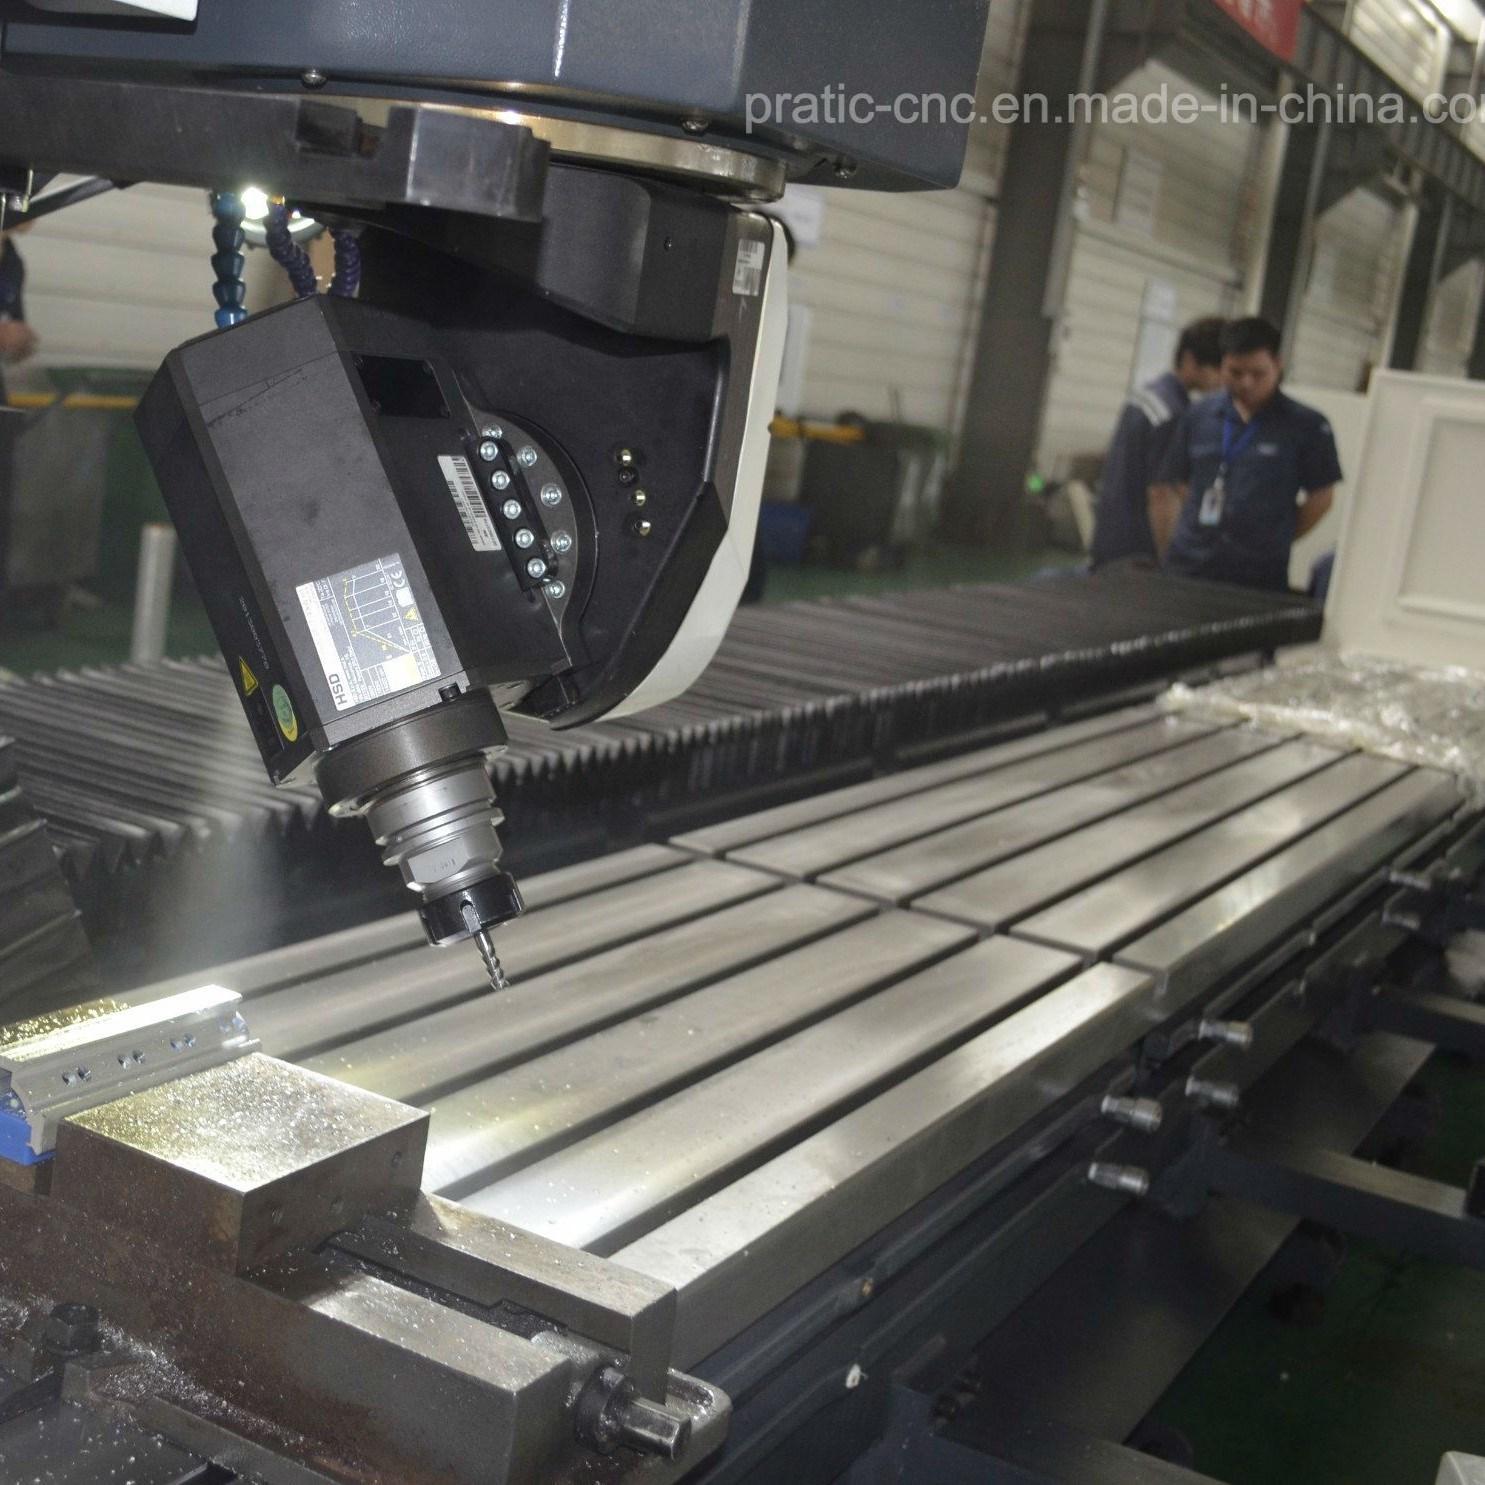 CNC Automotive Sqare Parts Milling Drilling Machine - (PYB-CNC6500)